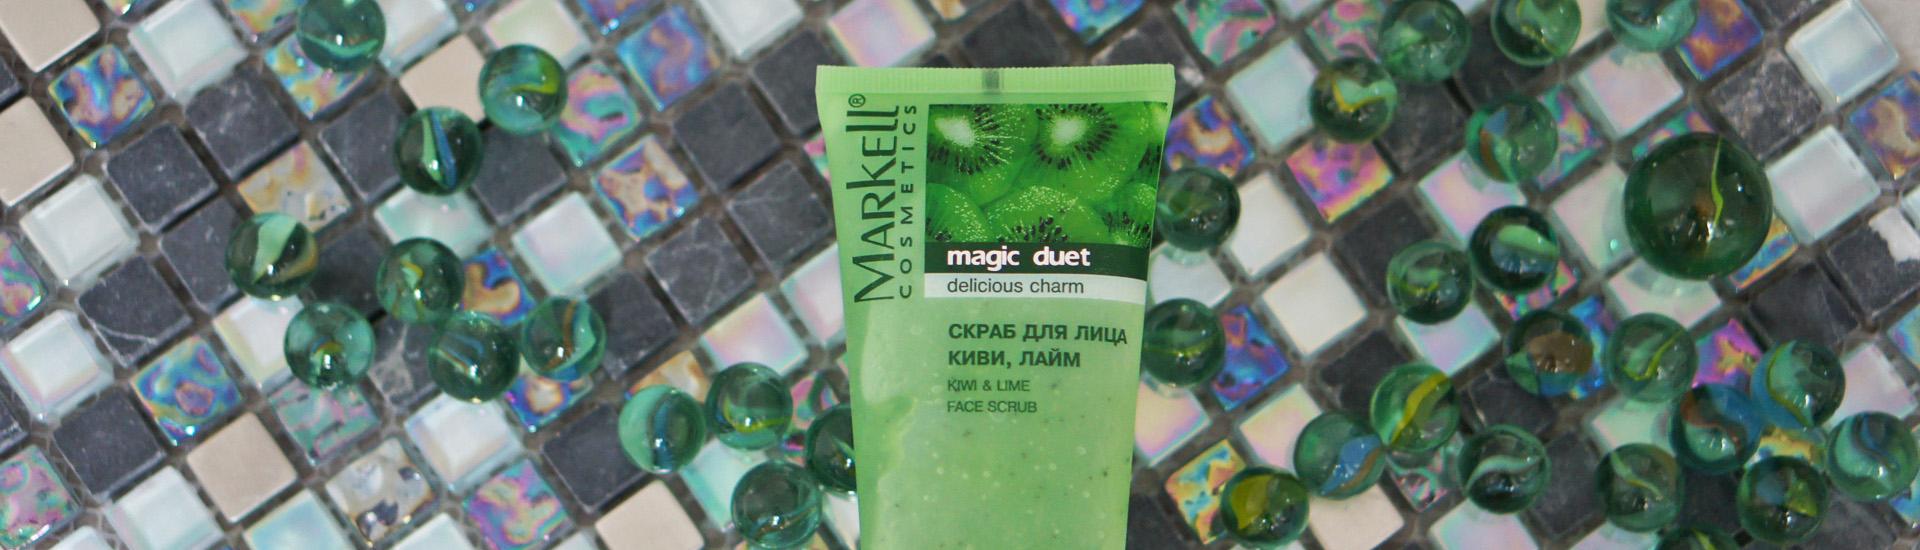 Markell Cosmetics скраб для лица киви, лайм